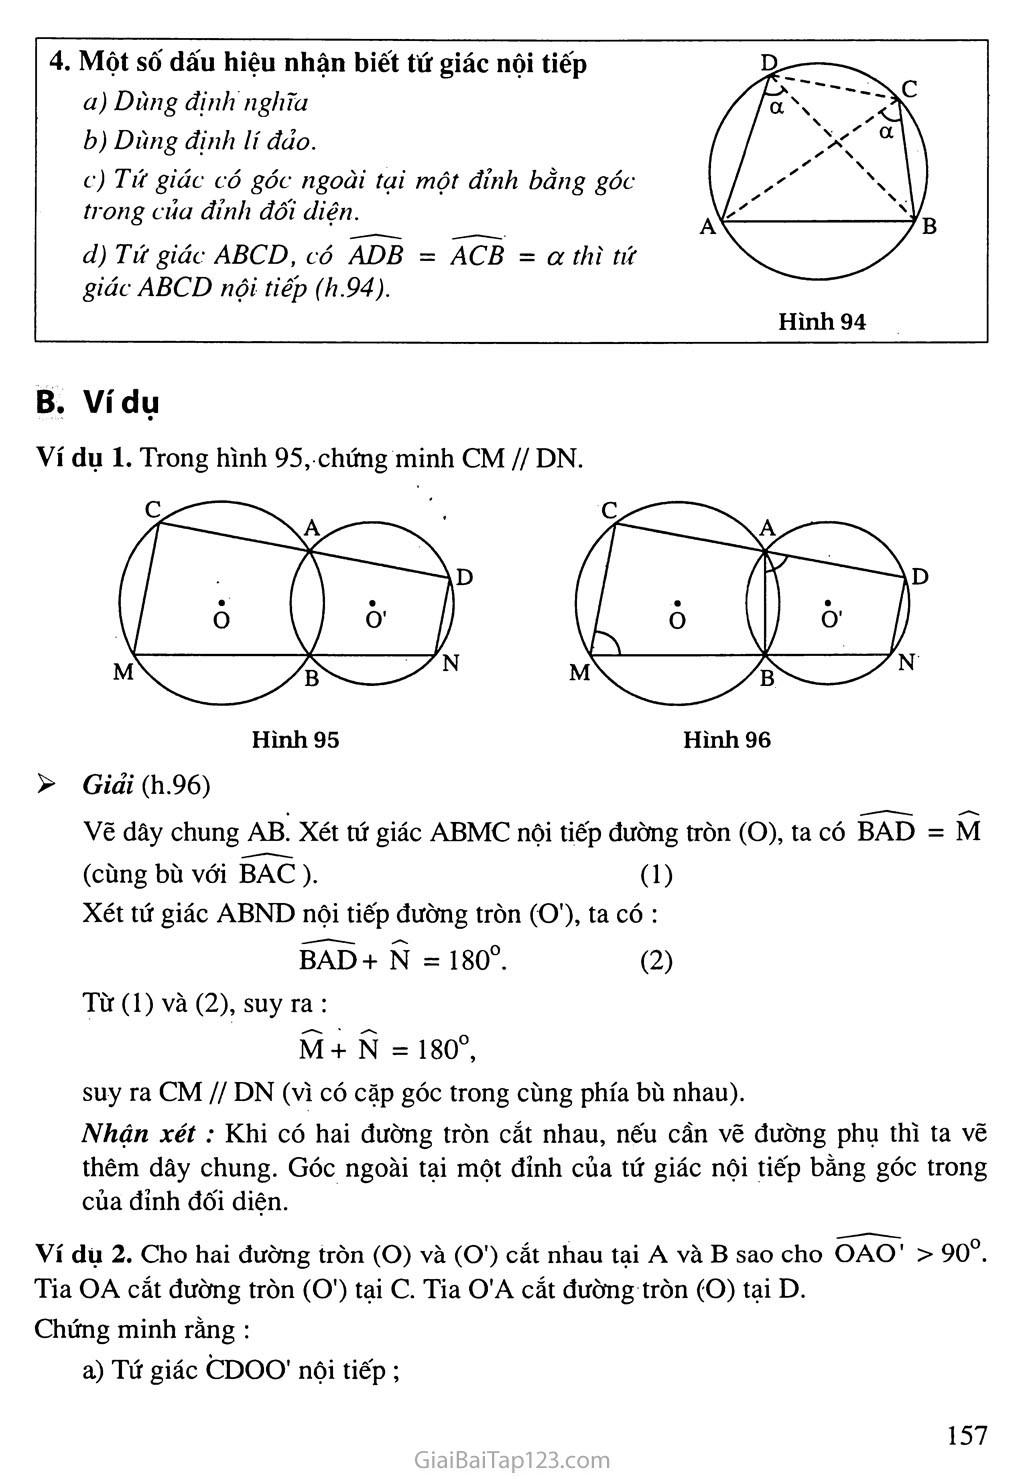 Bài 7. Tứ giác nội tiếp trang 2